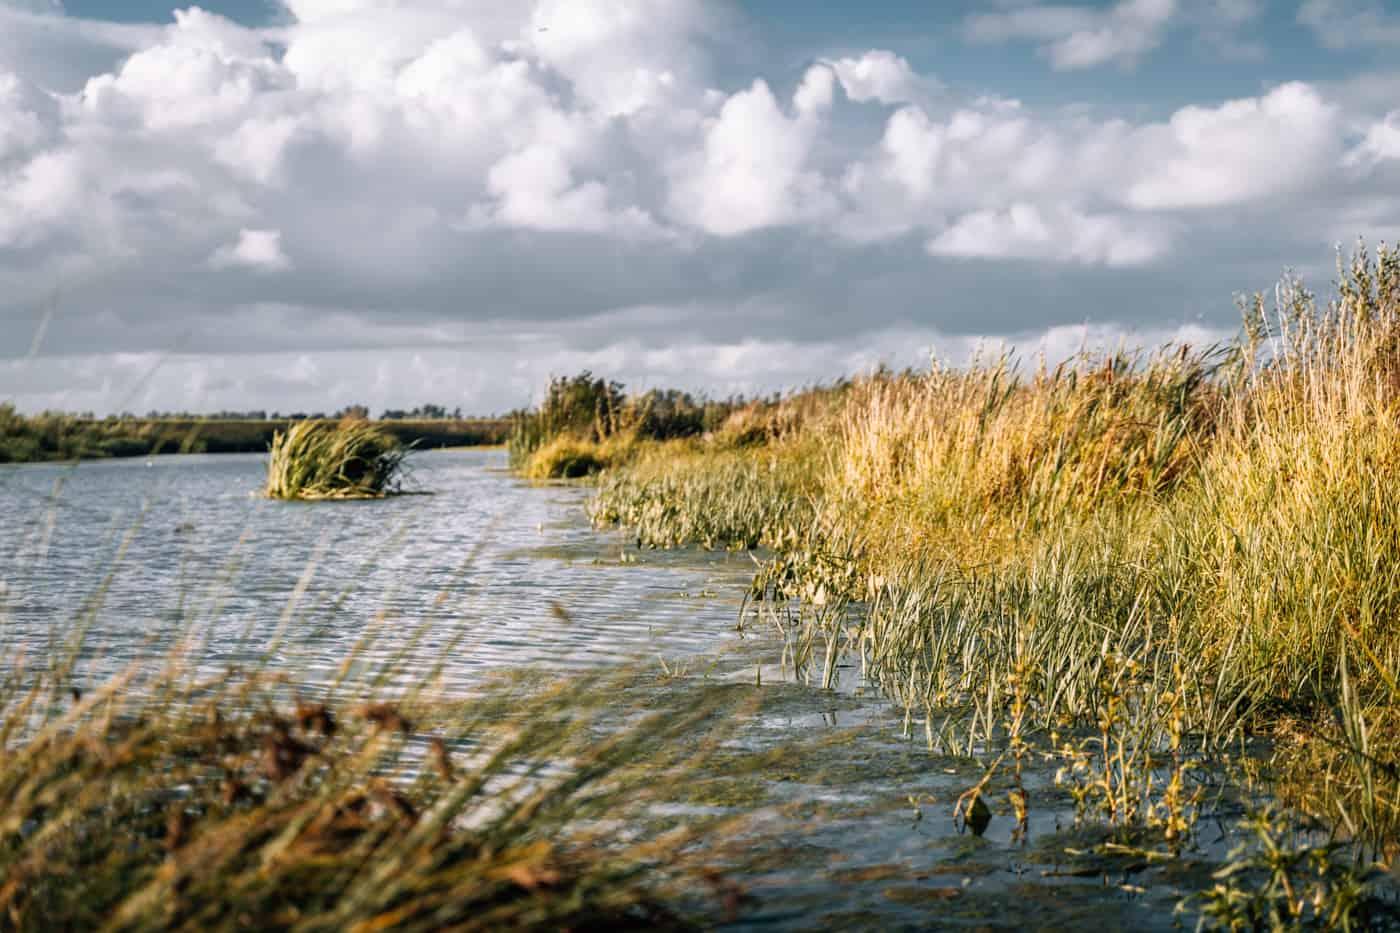 De Biesbosch Nationalpark - Camping in Europas größtem Süßwassergezeitengebiet